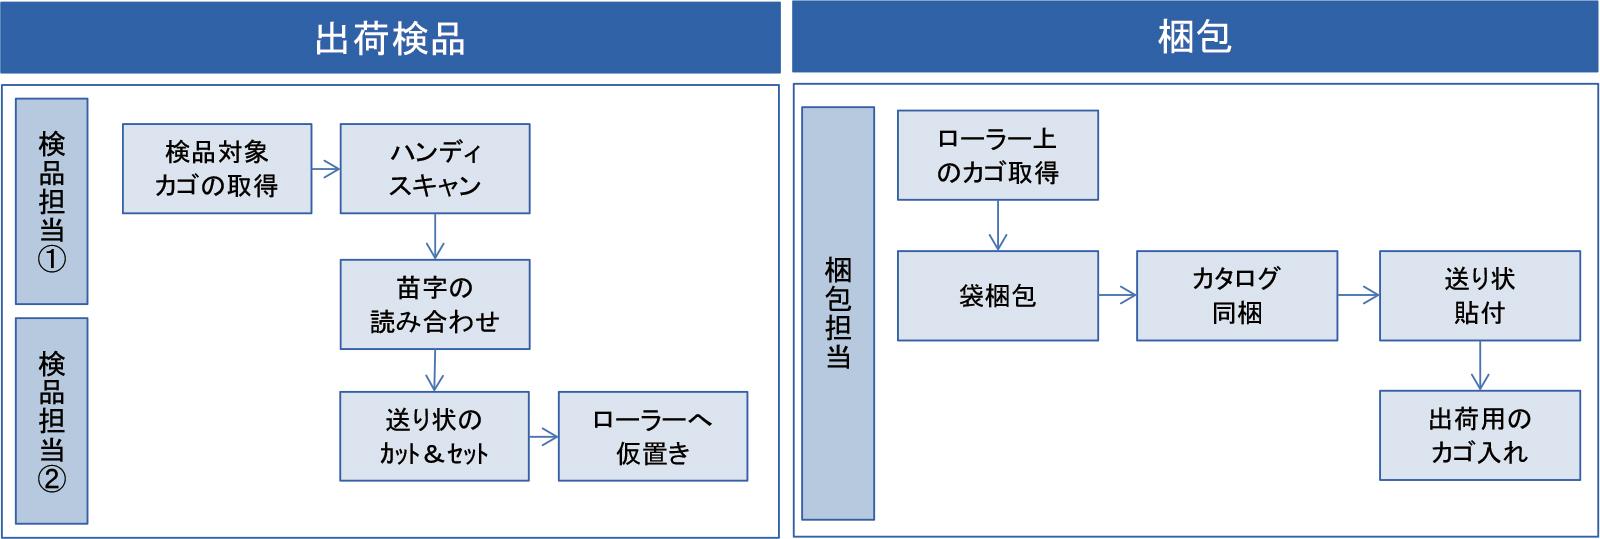 図2.出荷検品と梱包の簡易業務フロー